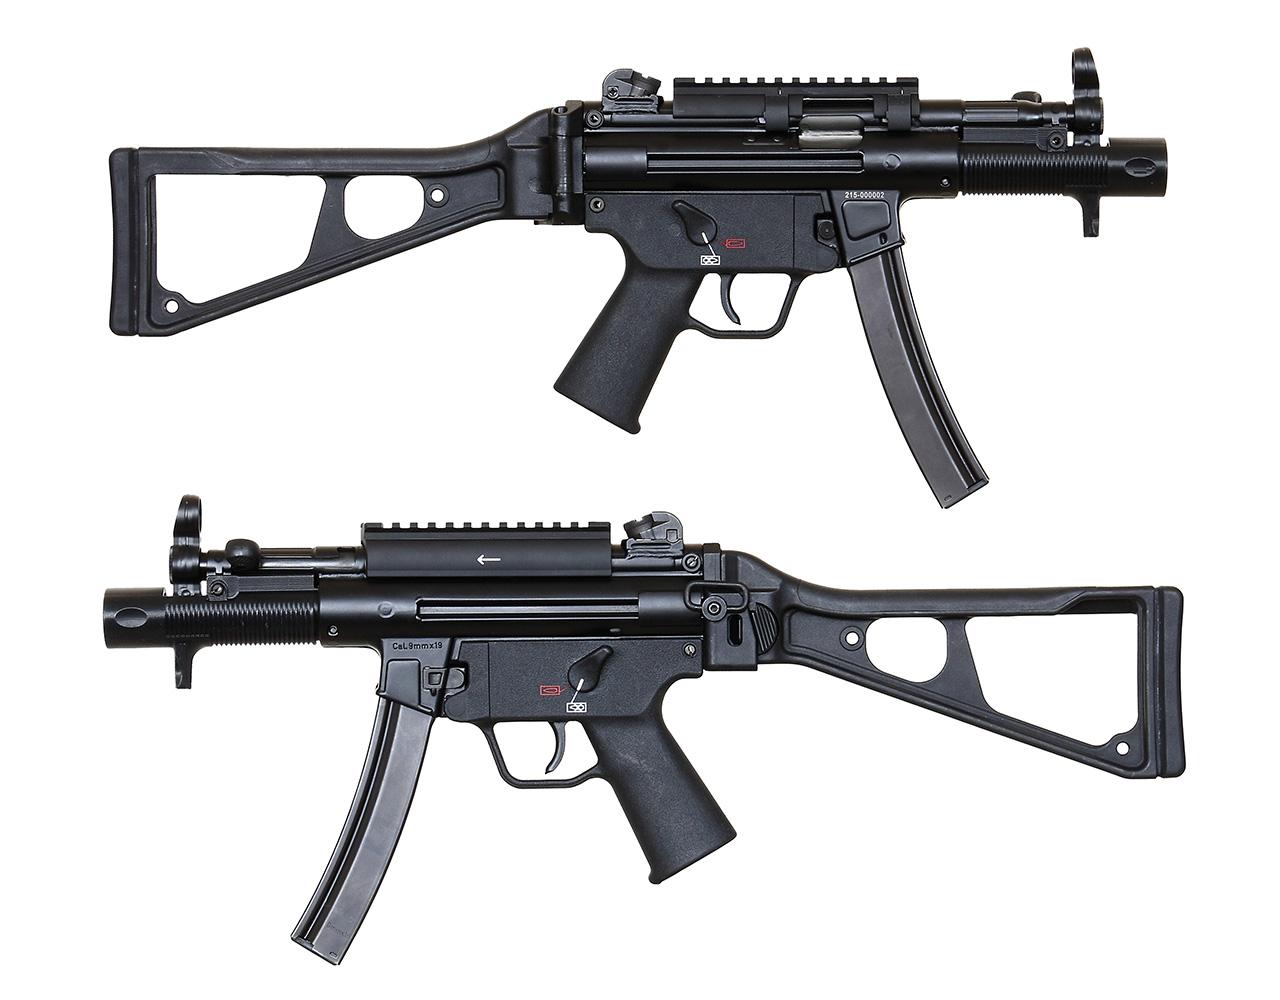 HK SP5-K